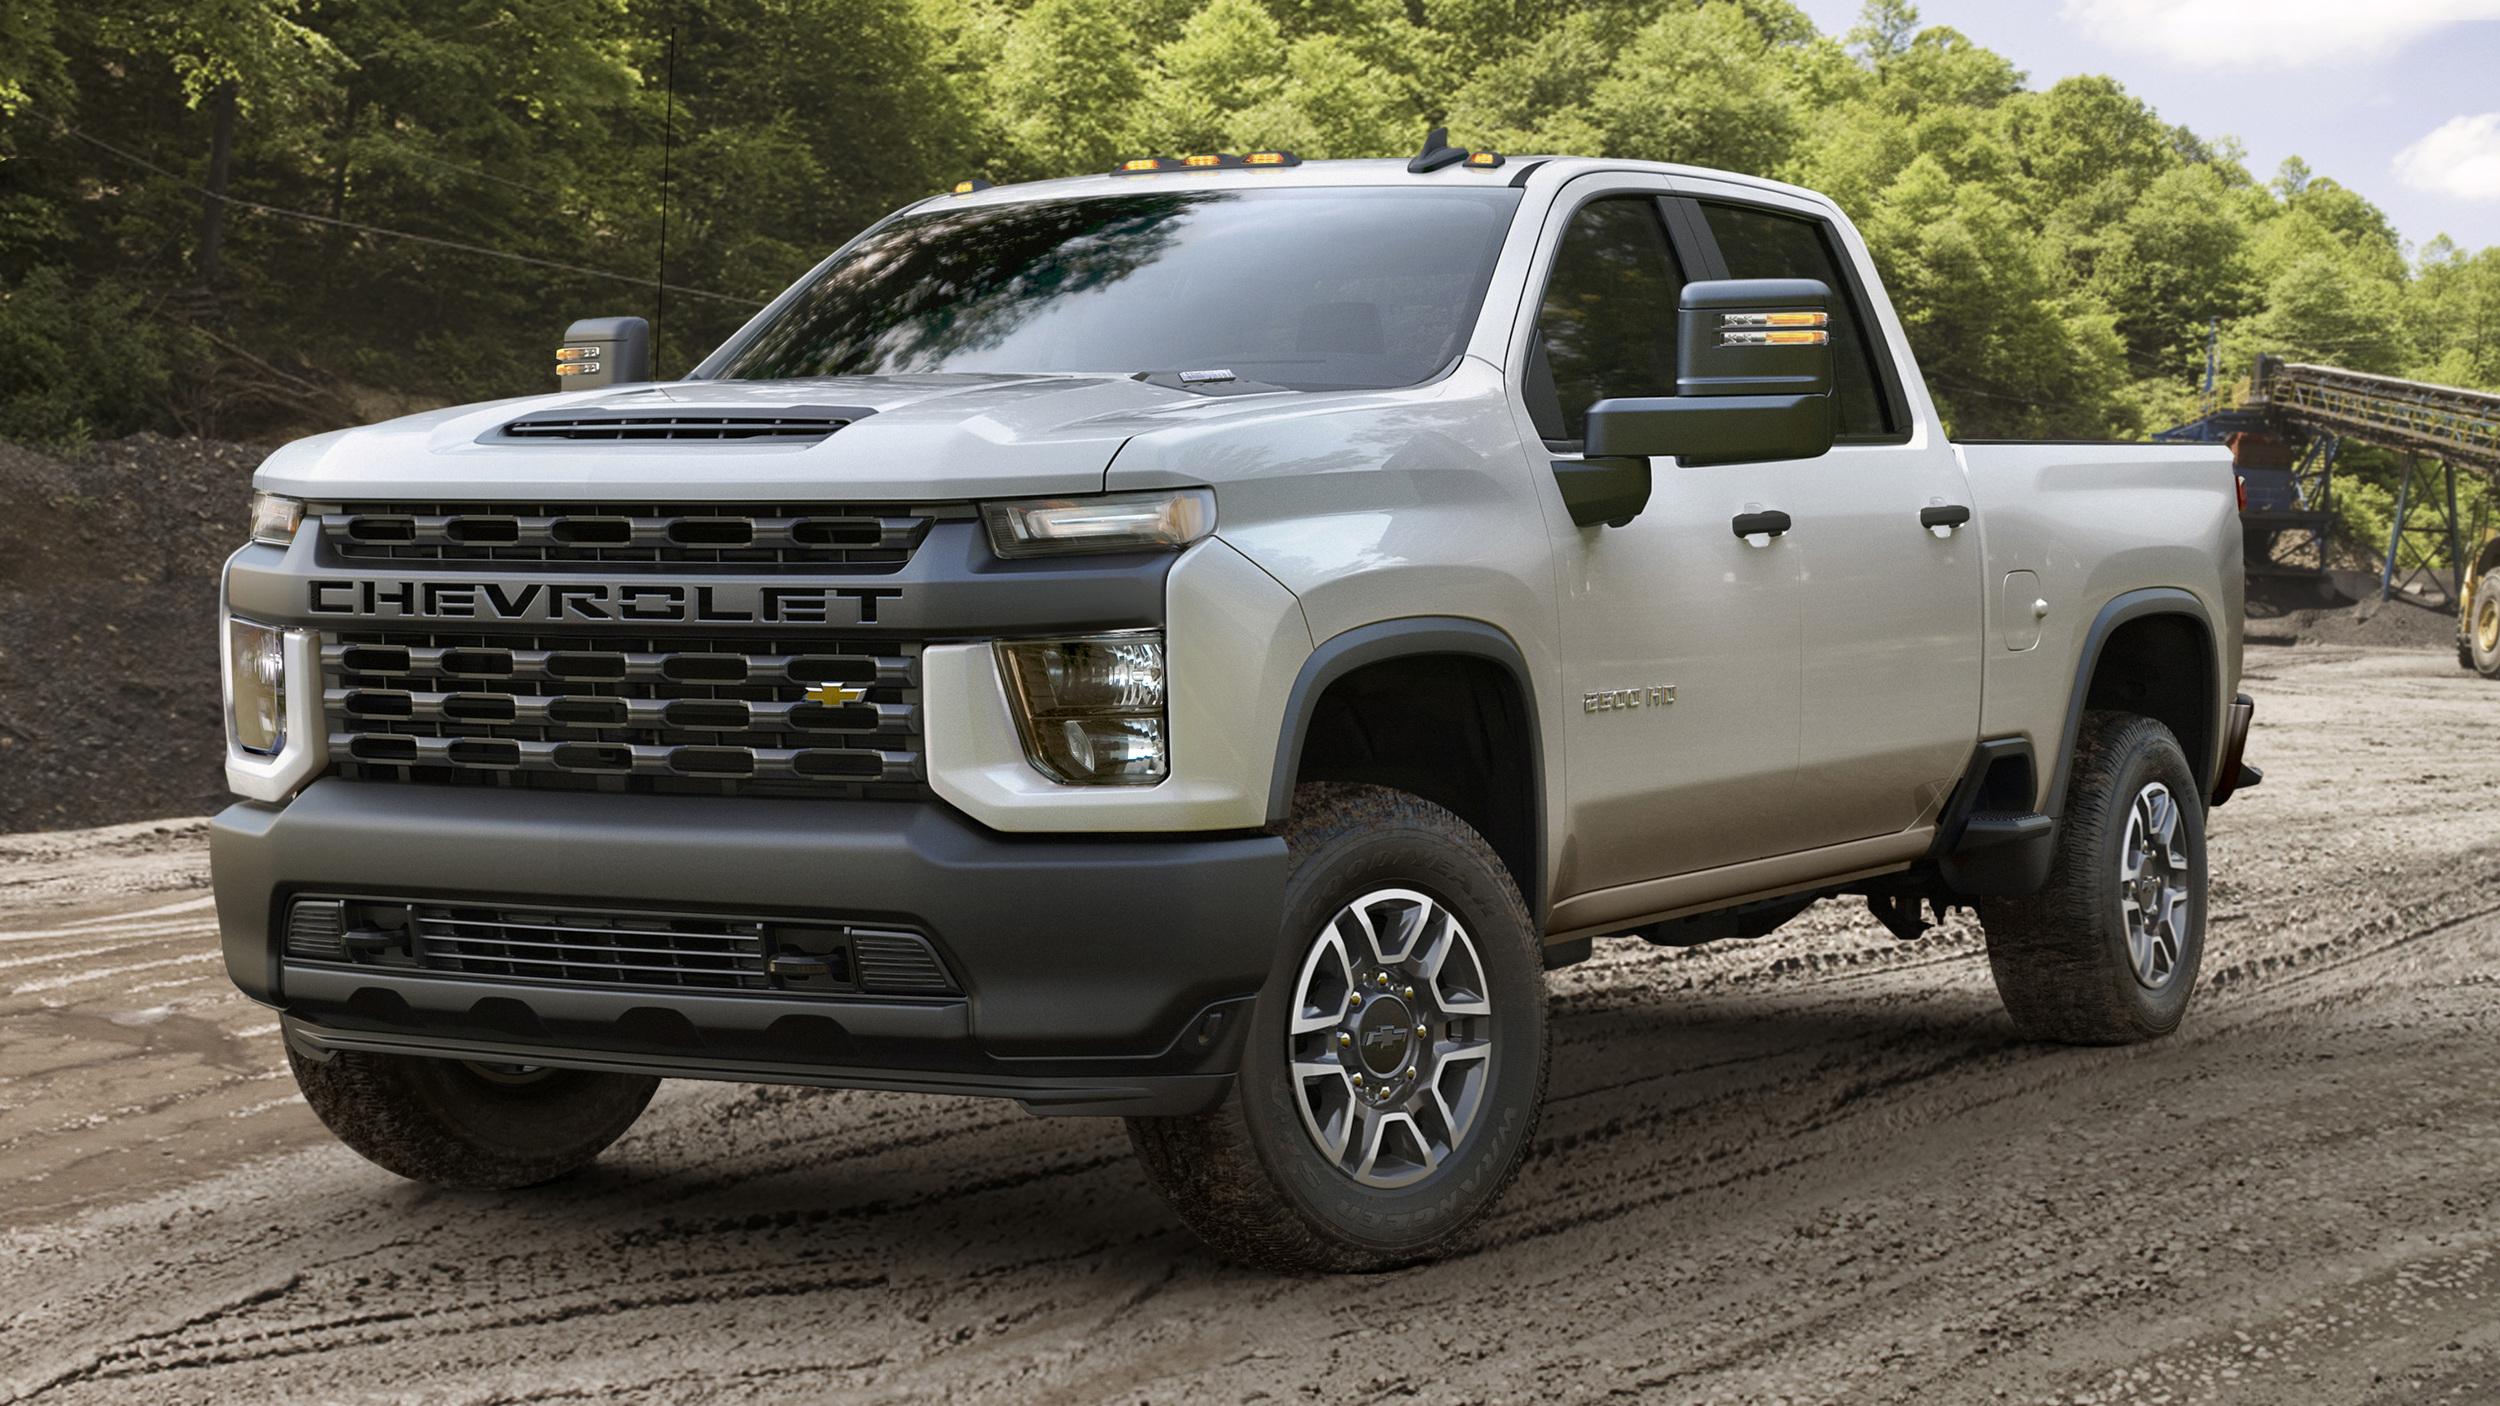 Chevrolet Silverado HD 2020: 35 500 livres de capacité de ...